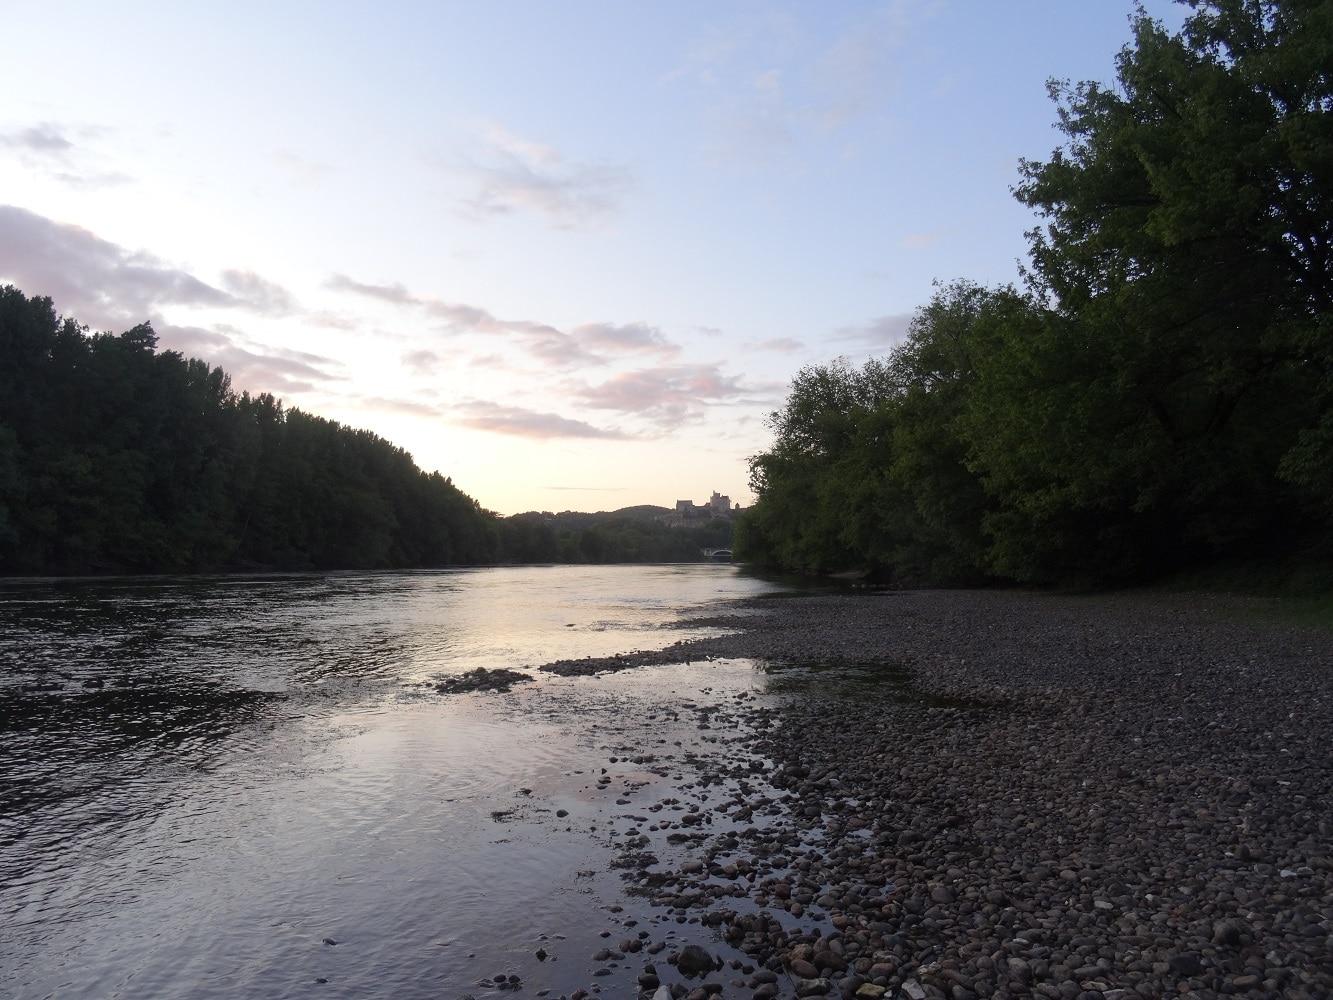 Plage de rivière sur la Dordogne